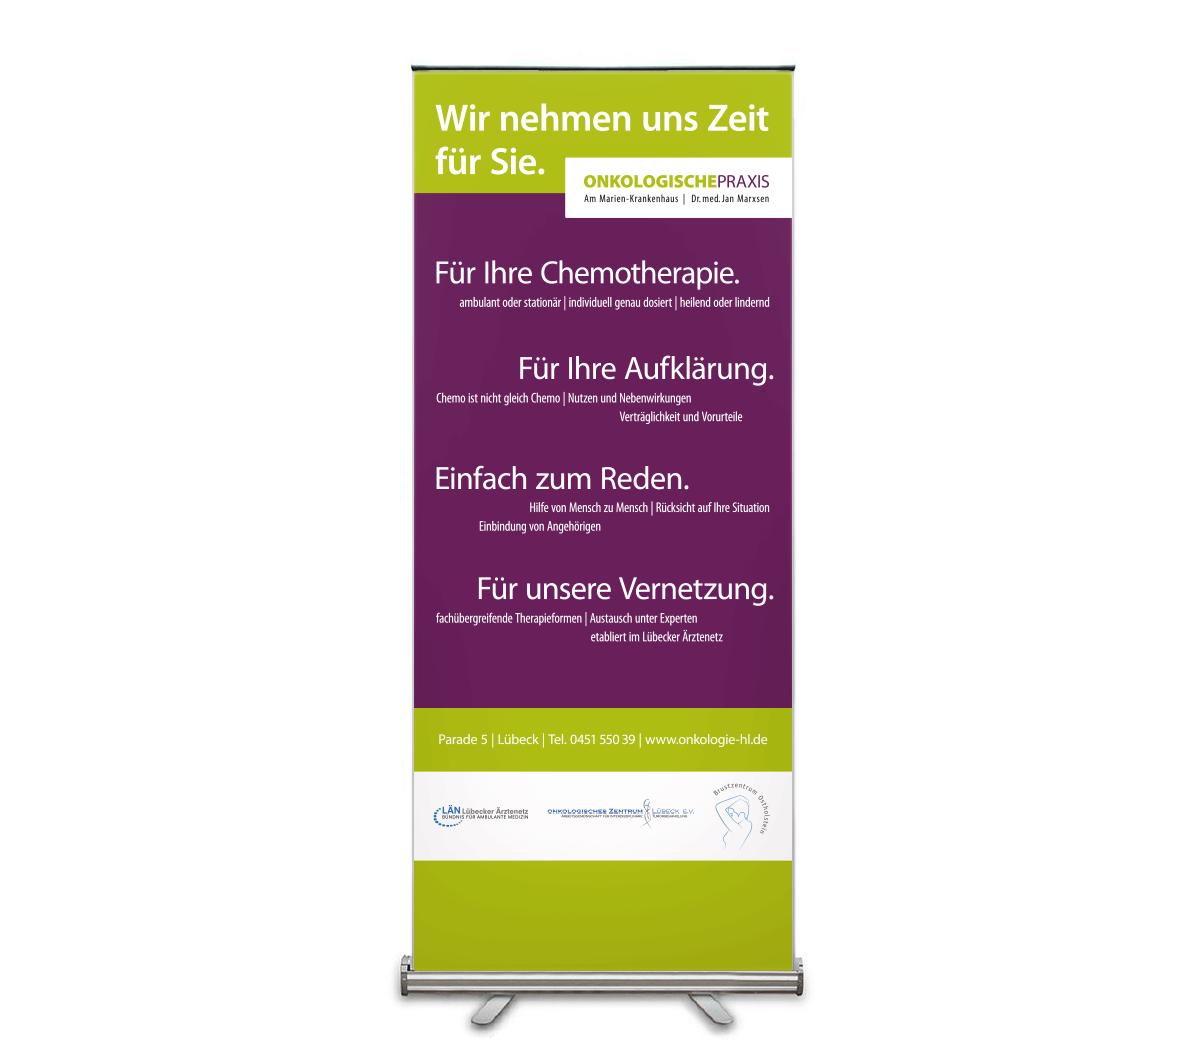 Roll-Up Banner, Werbedesign für Dr Marxsen Praxis für Onkologie von Doris Peiter